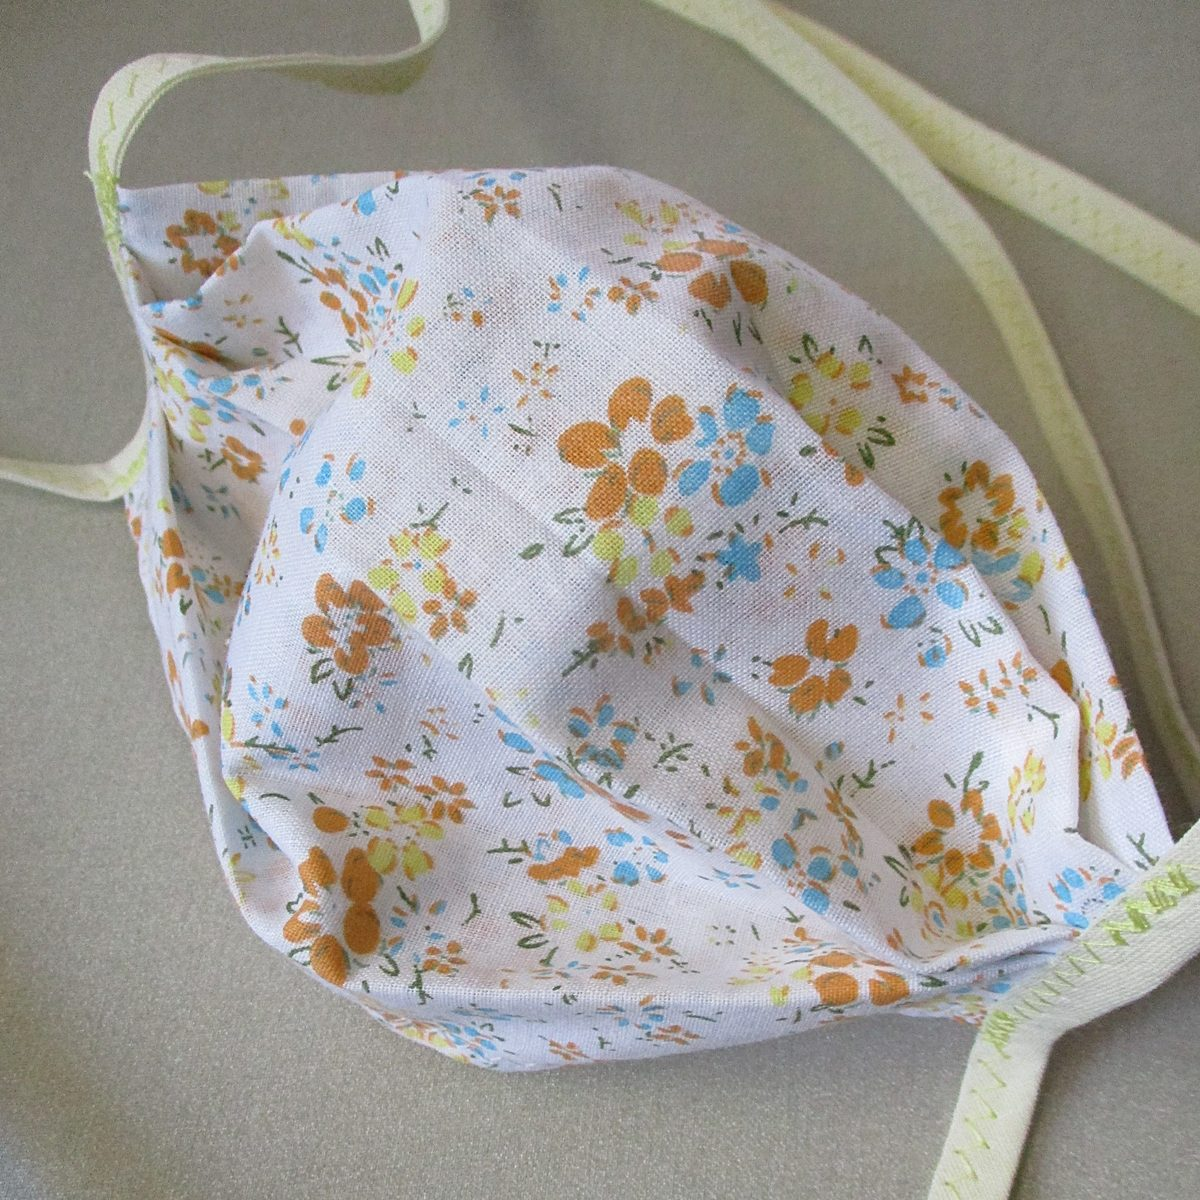 Gesichtsmaske Sommerwiese Baumwolle weiß gelb orange blau Blumenmuster